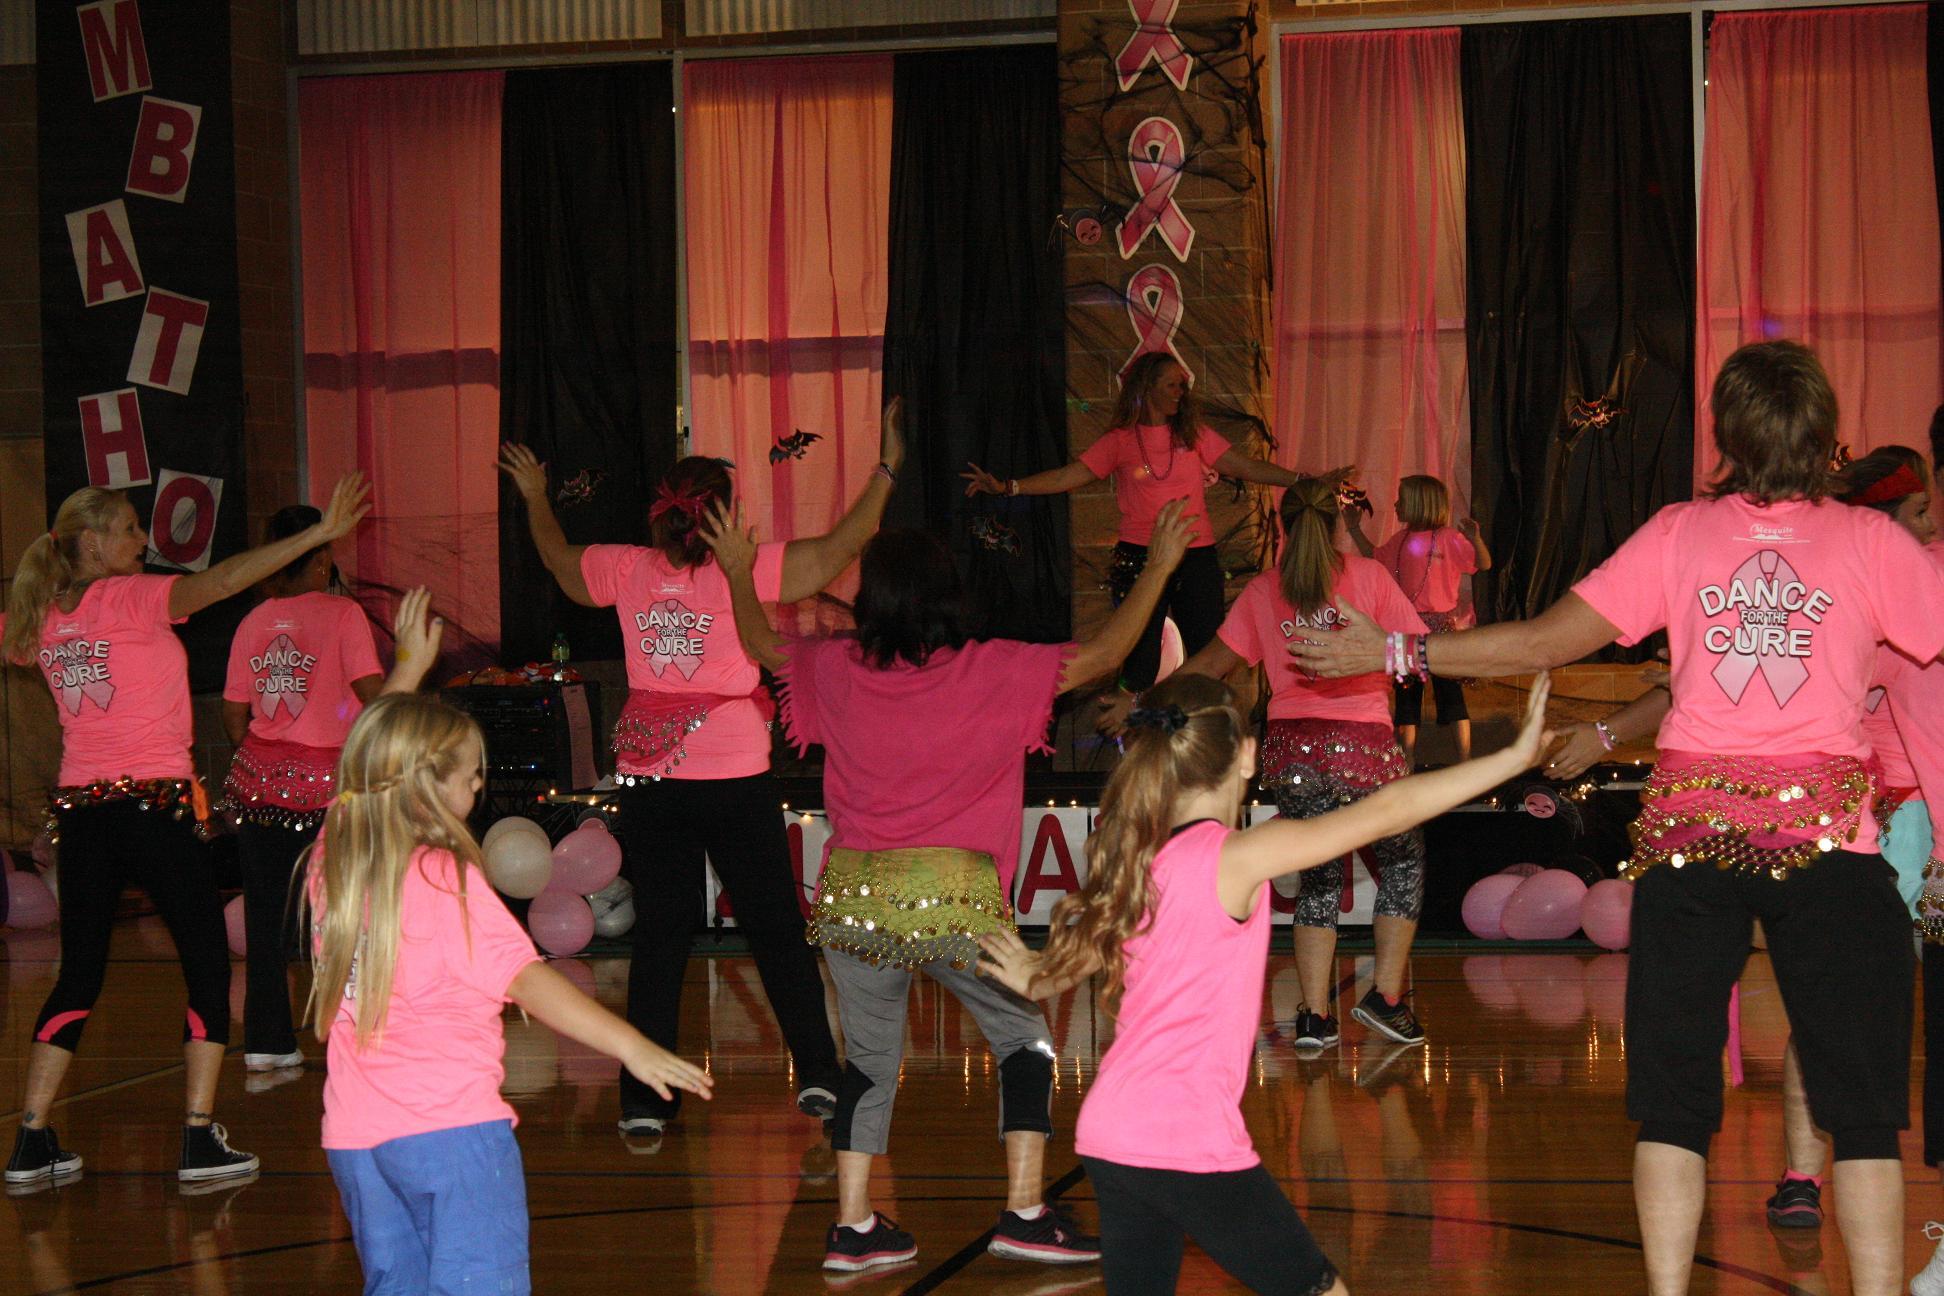 'Zumbathon' beat rocks recreation center Gym